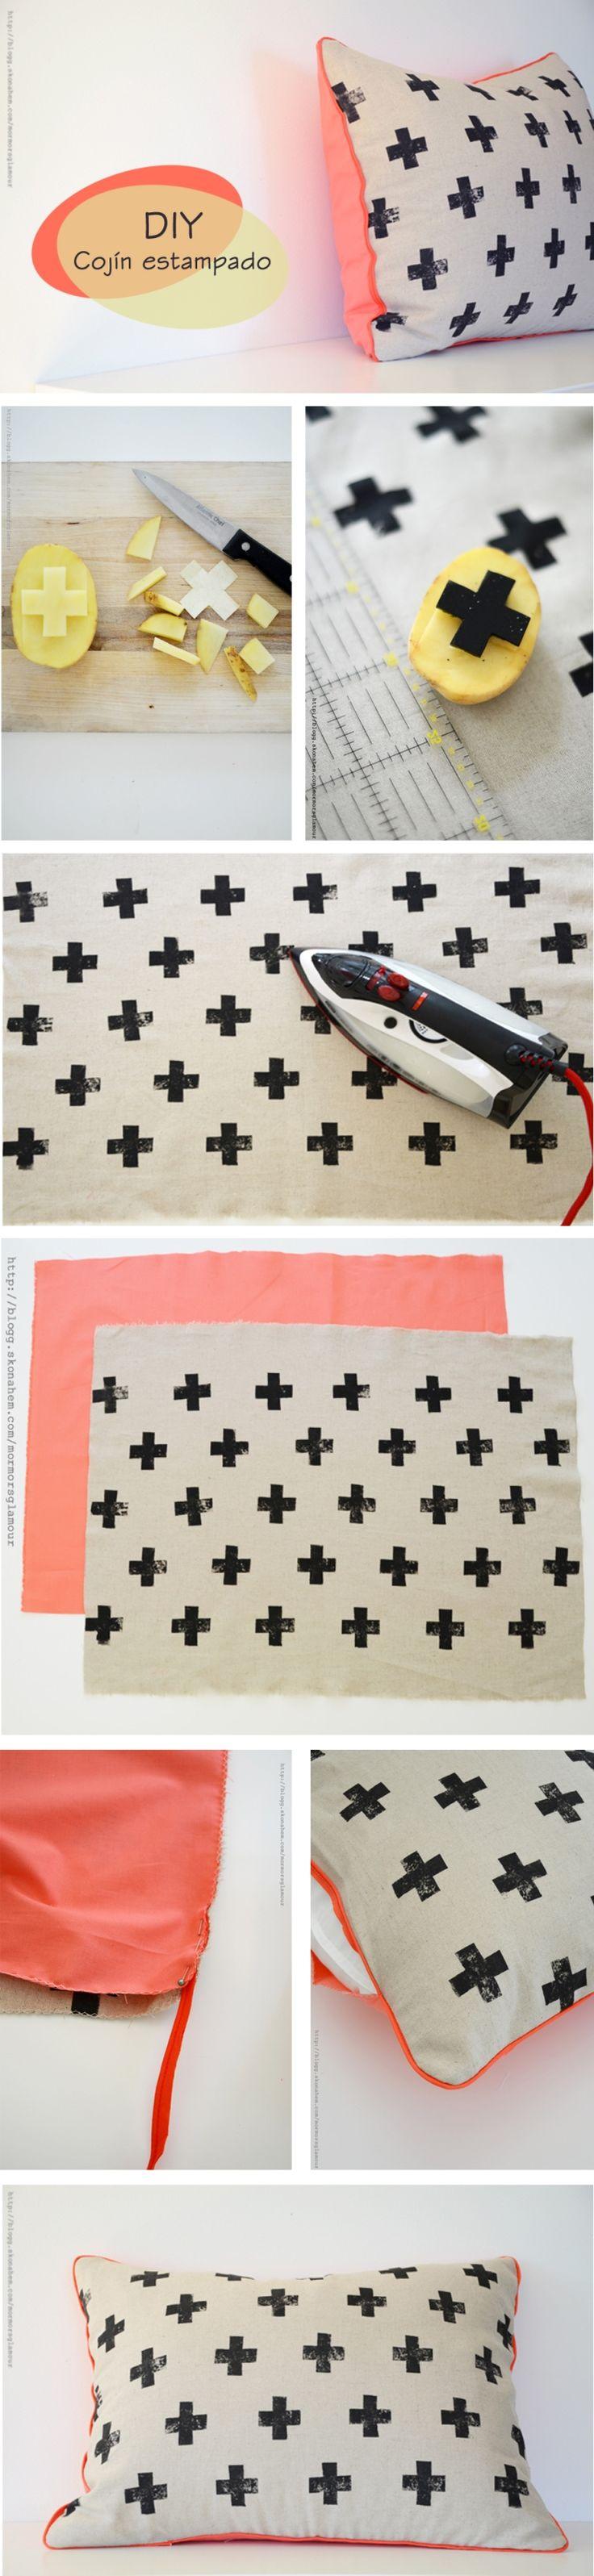 Como fazer almofada estampada - Blog Como faz artesanato